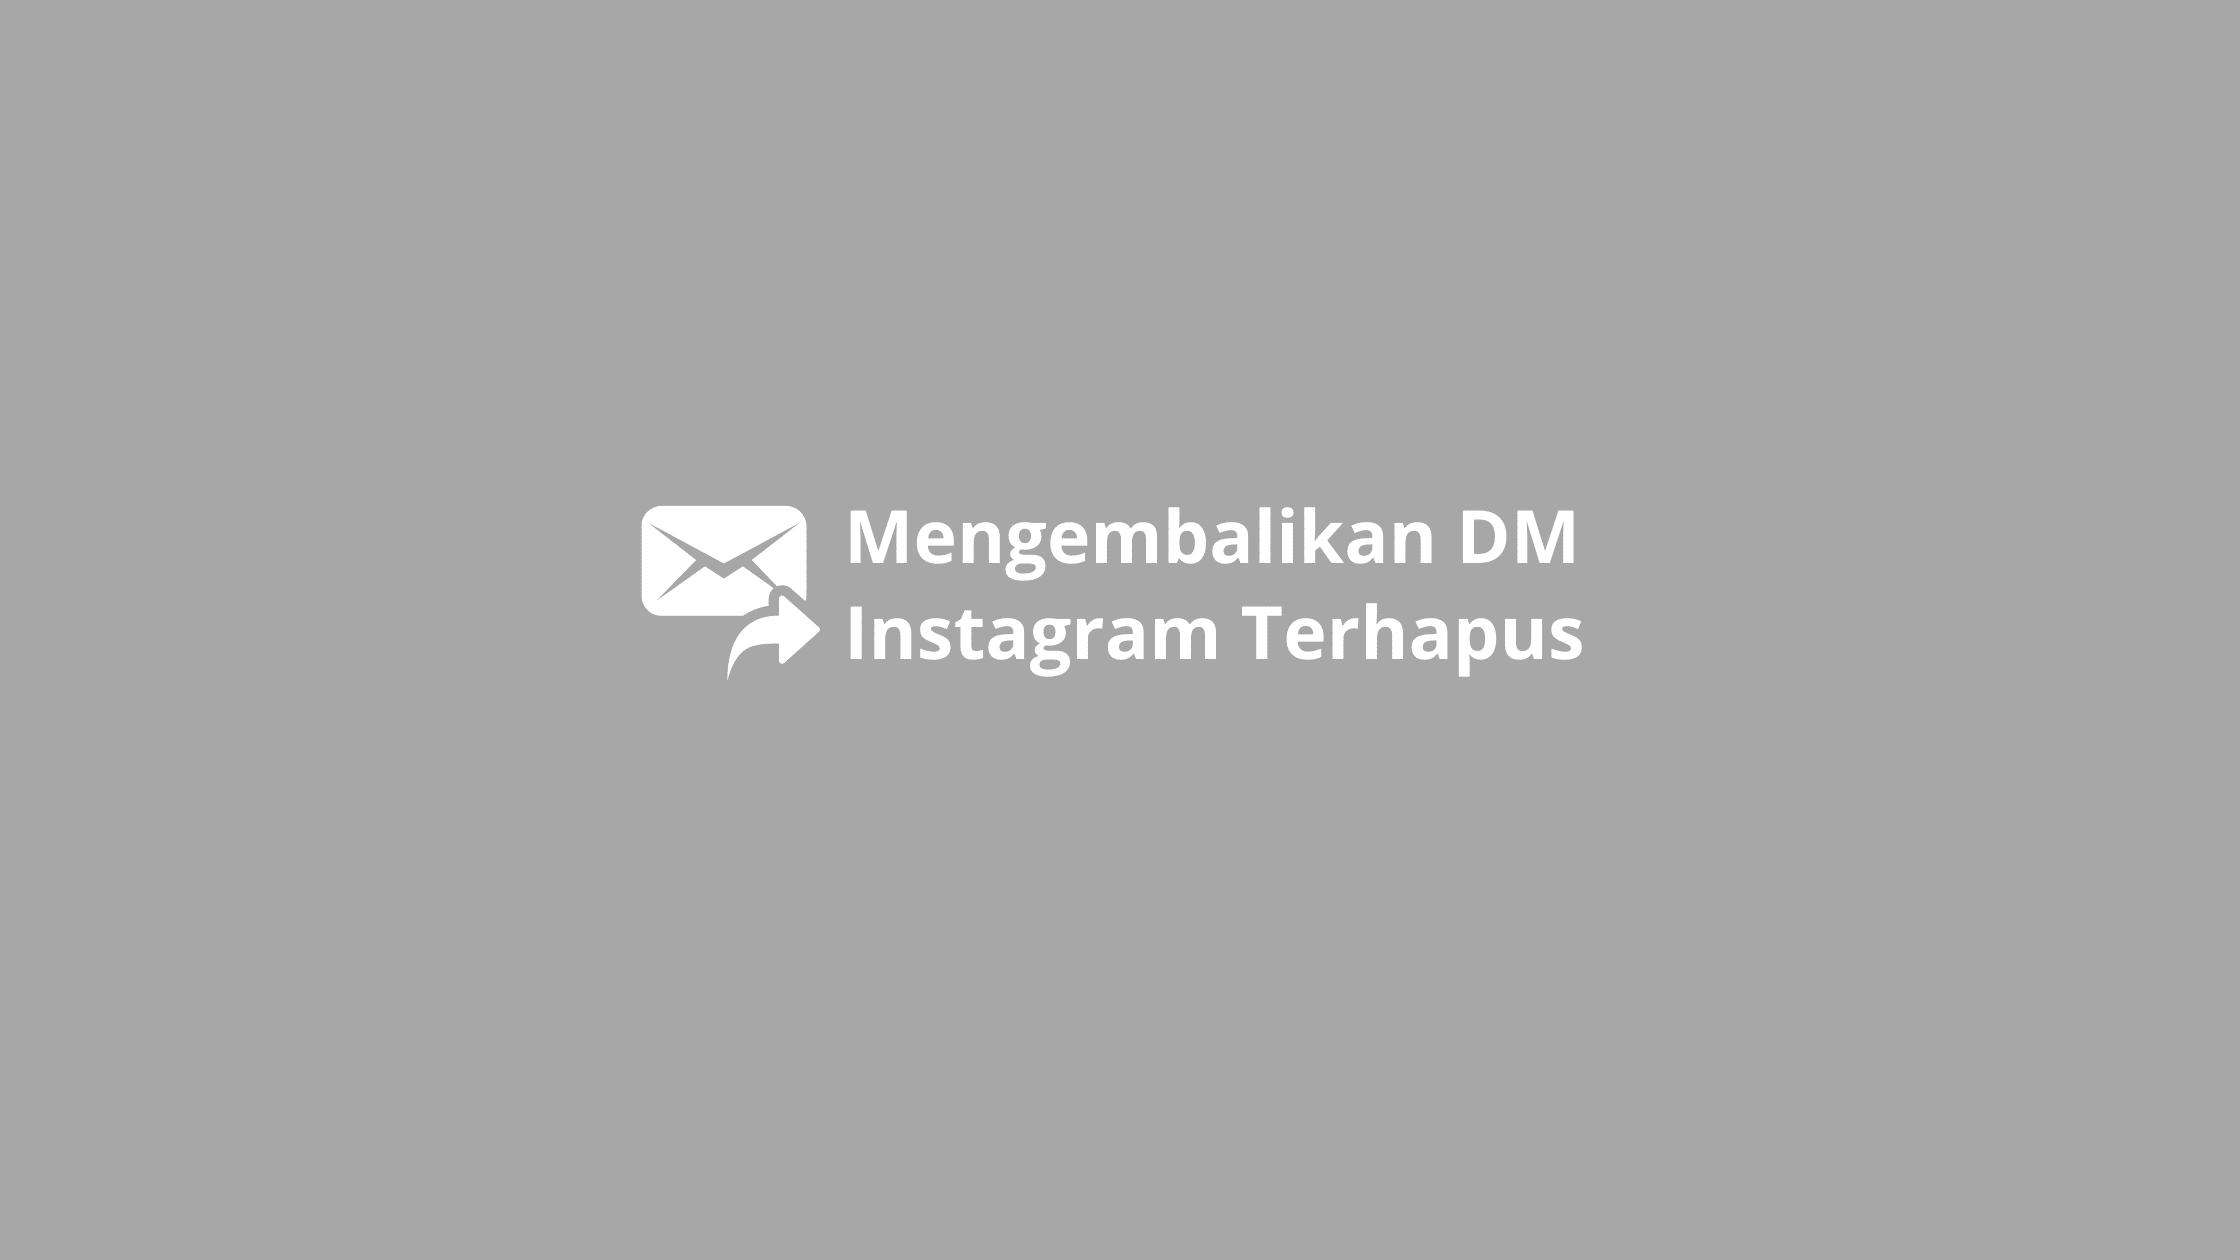 cara mengembalikan dm instagram yang terhapus